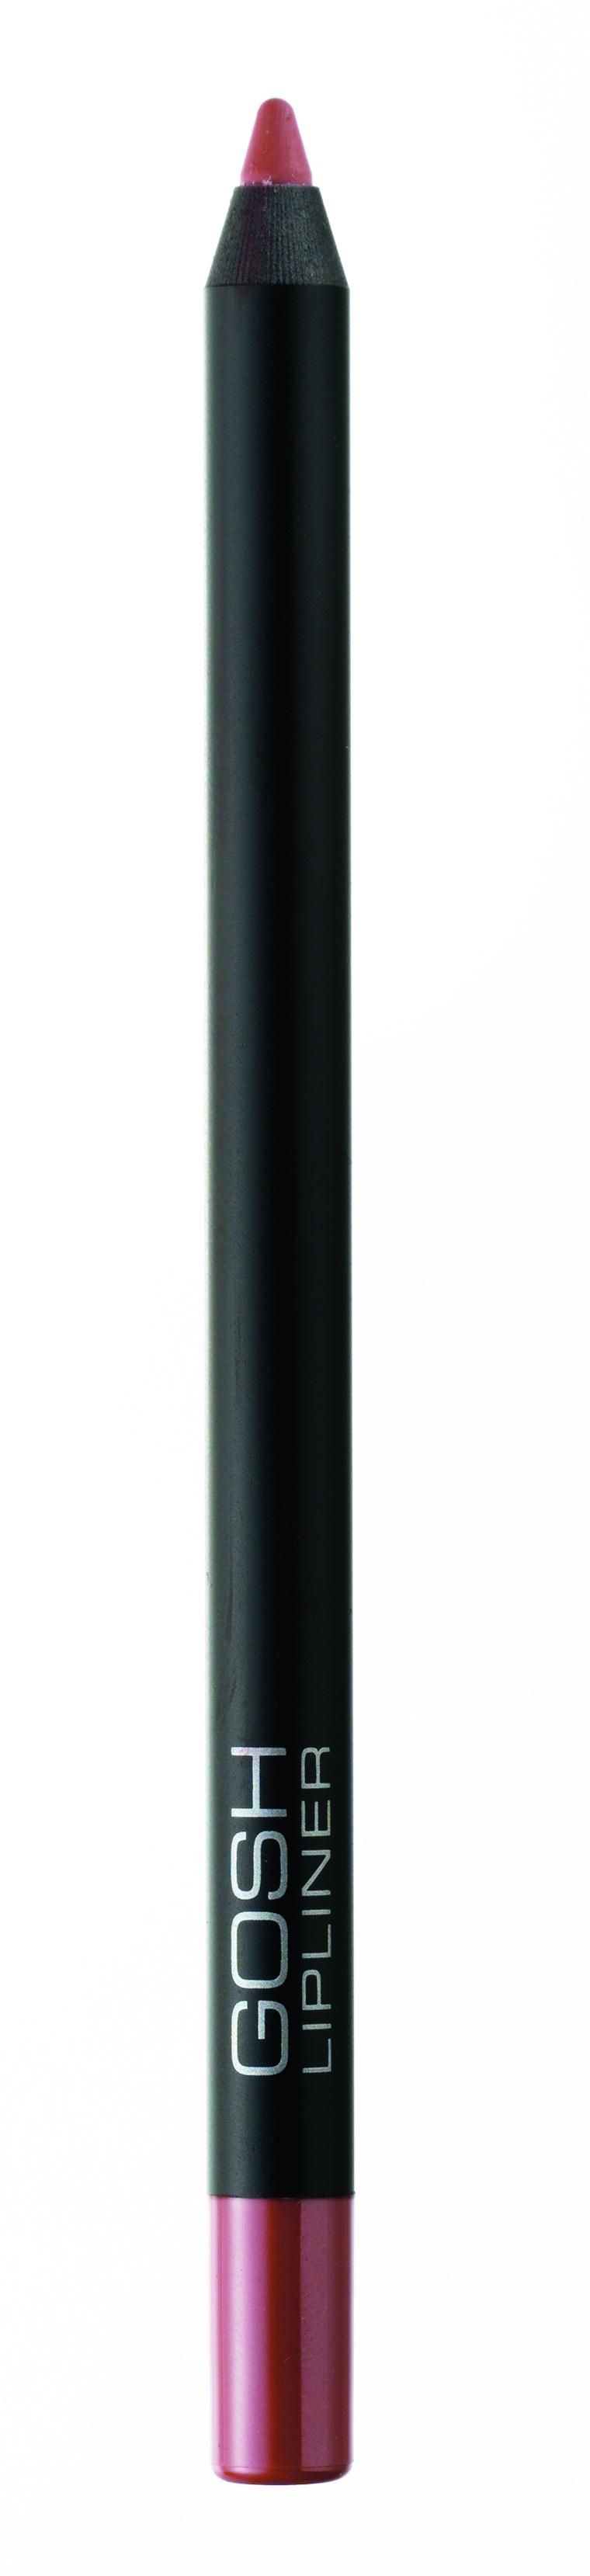 GOSH Velvet Touch Lipliner 002 Antique Rose lūpu zīmulis Lūpu krāsas, zīmulis